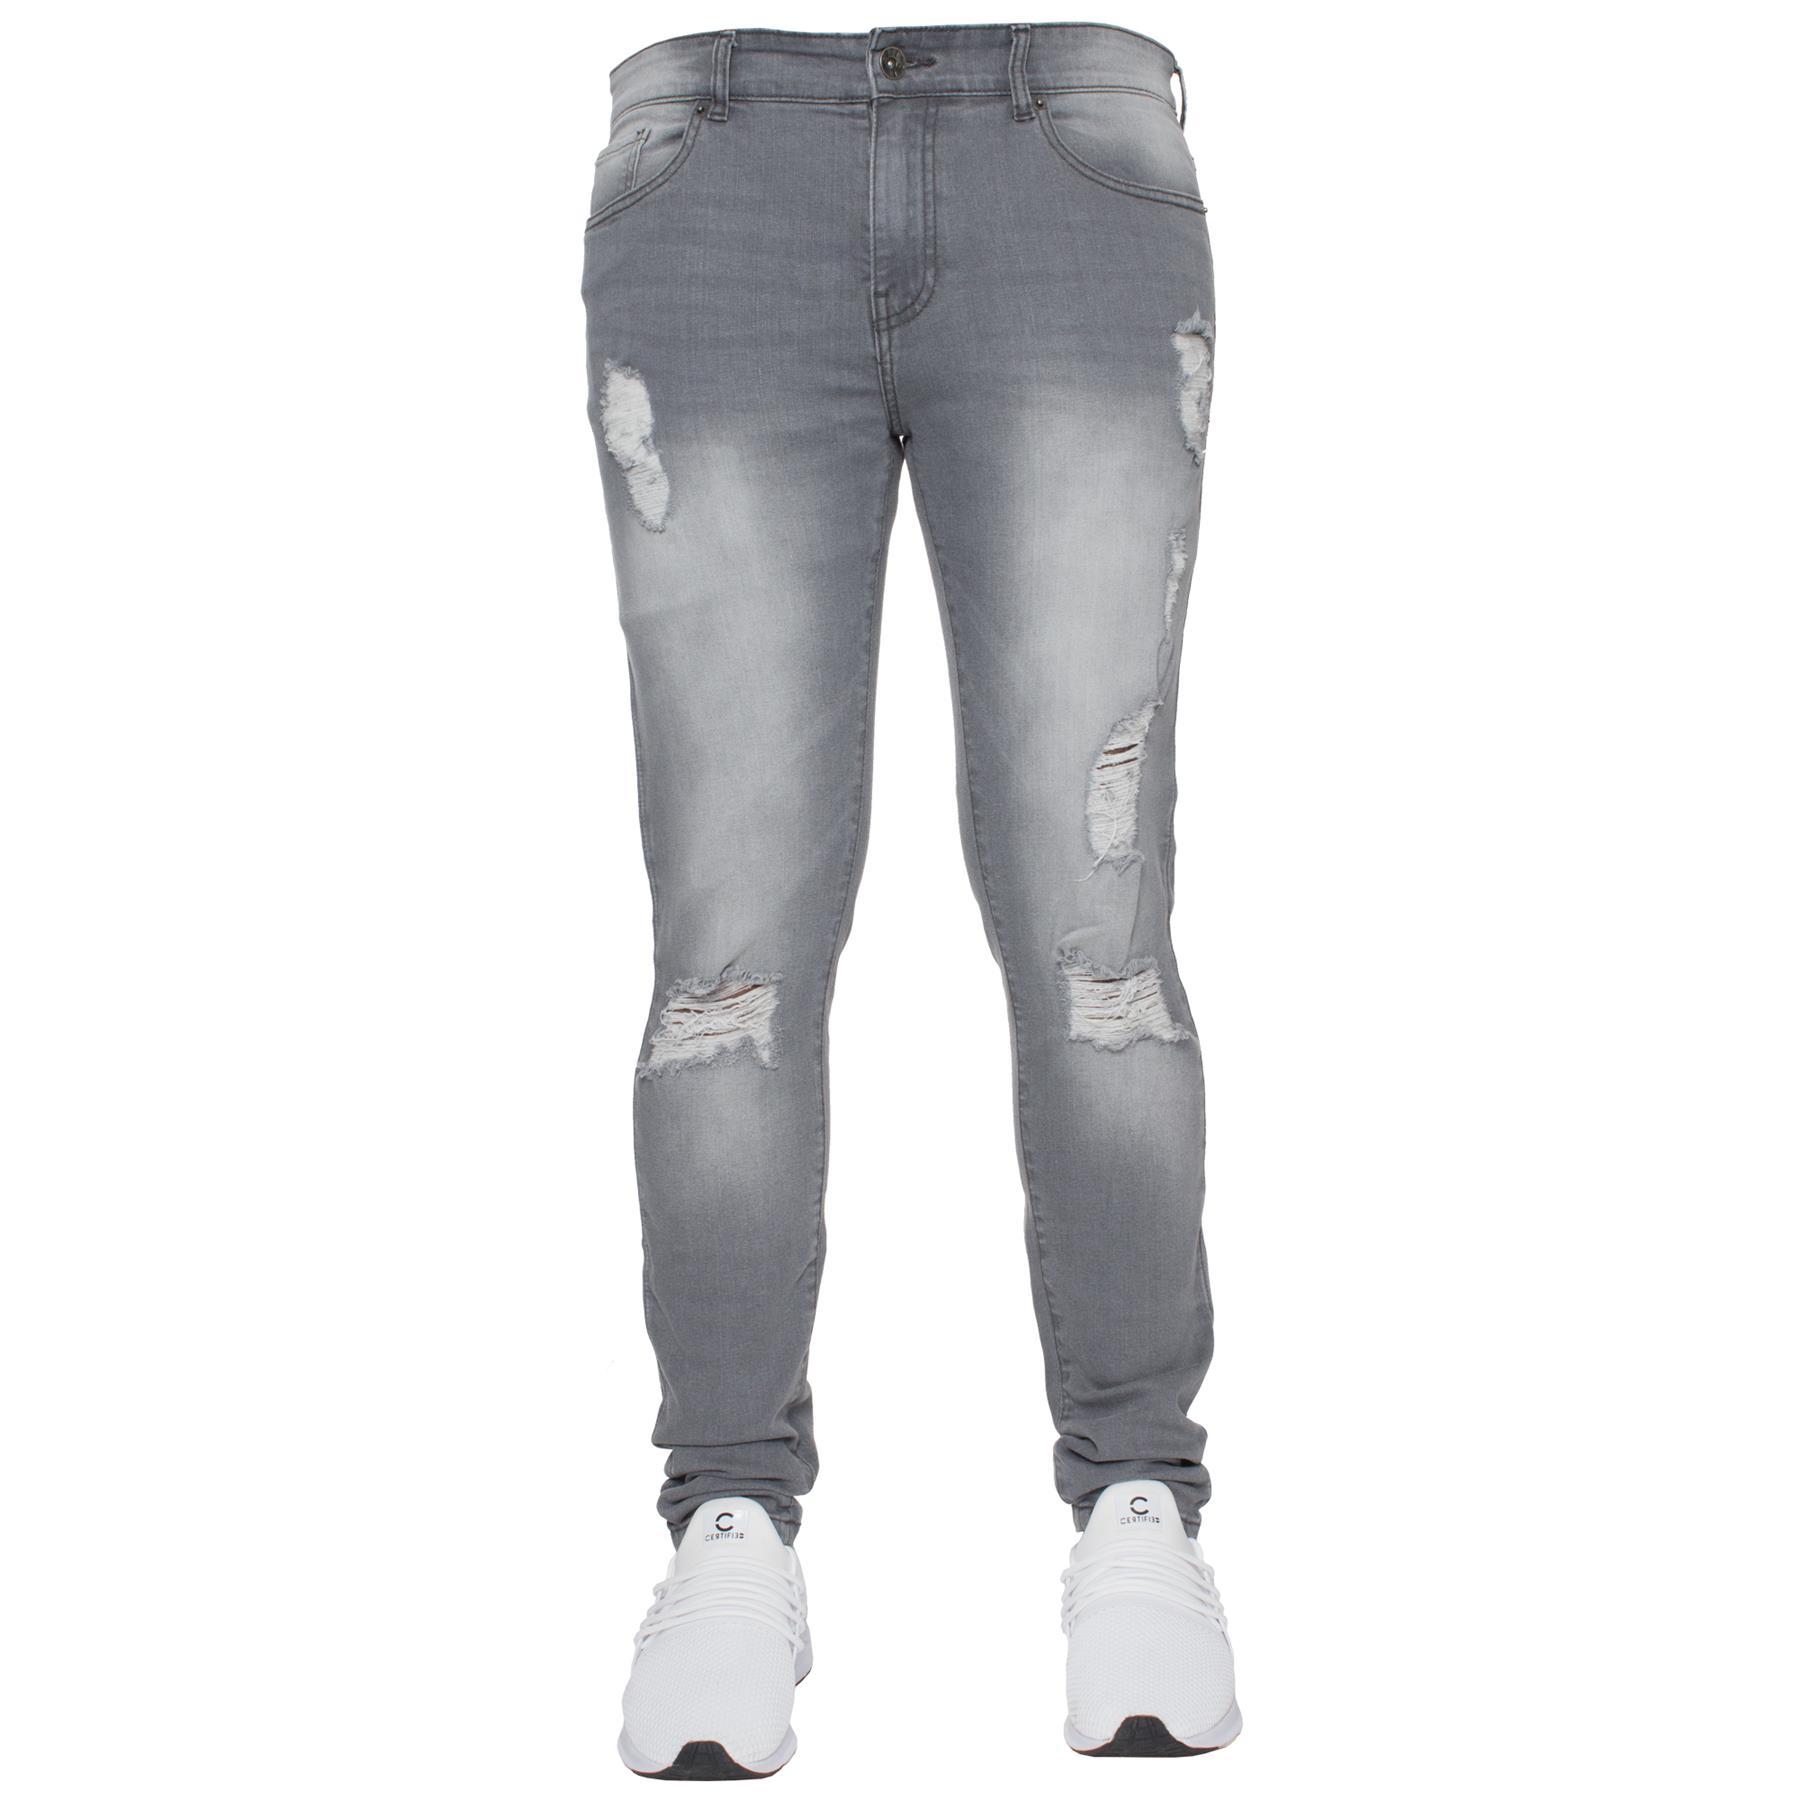 Para-hombre-Super-Skinny-Ripped-Jeans-Pantalones-Ajustados-desgastados-Denim-Envejecido-Todas miniatura 21